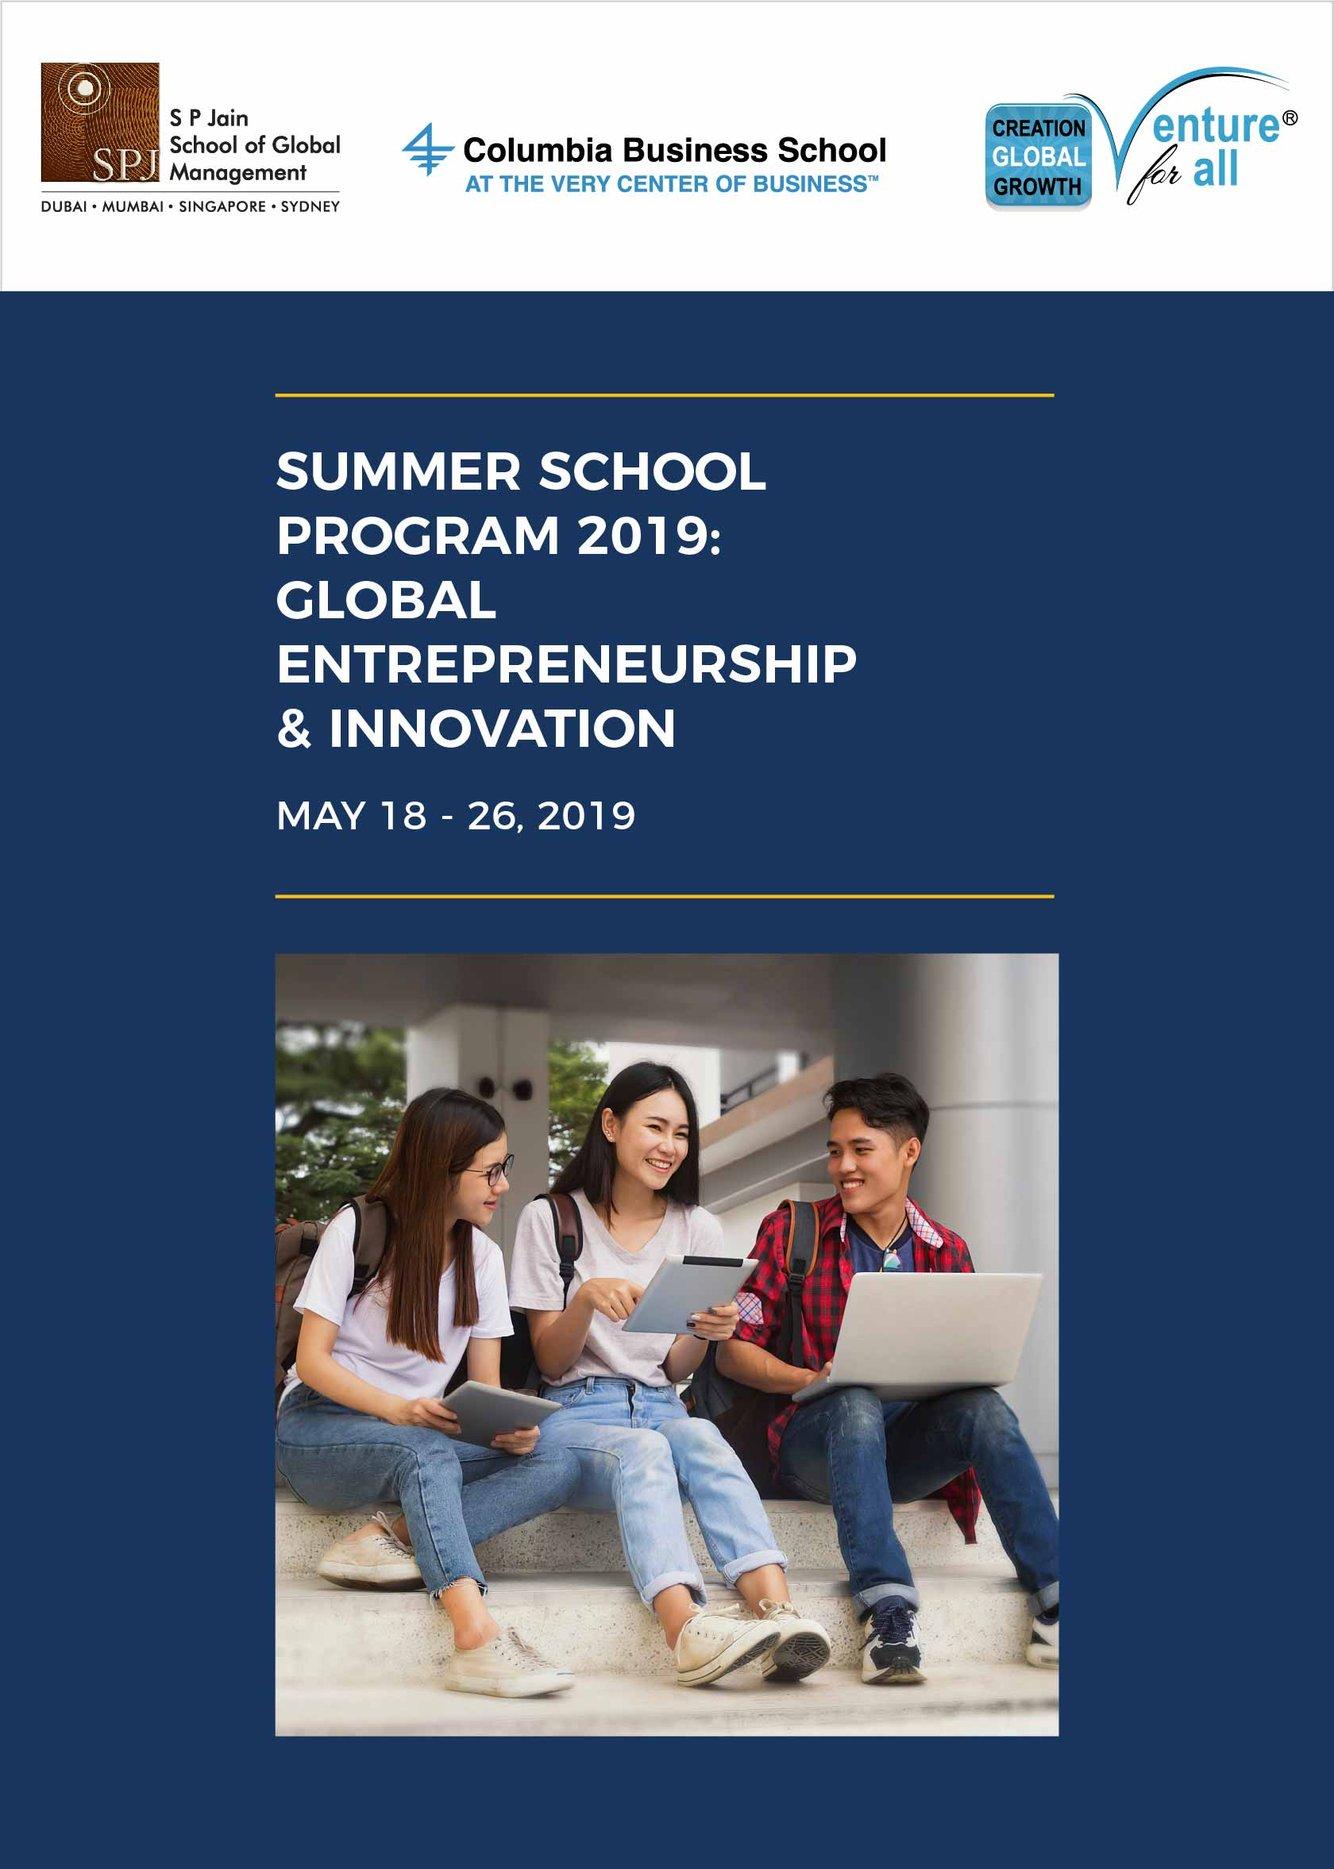 global-innovation-and-entrepreneurship-program-brochure-web-size